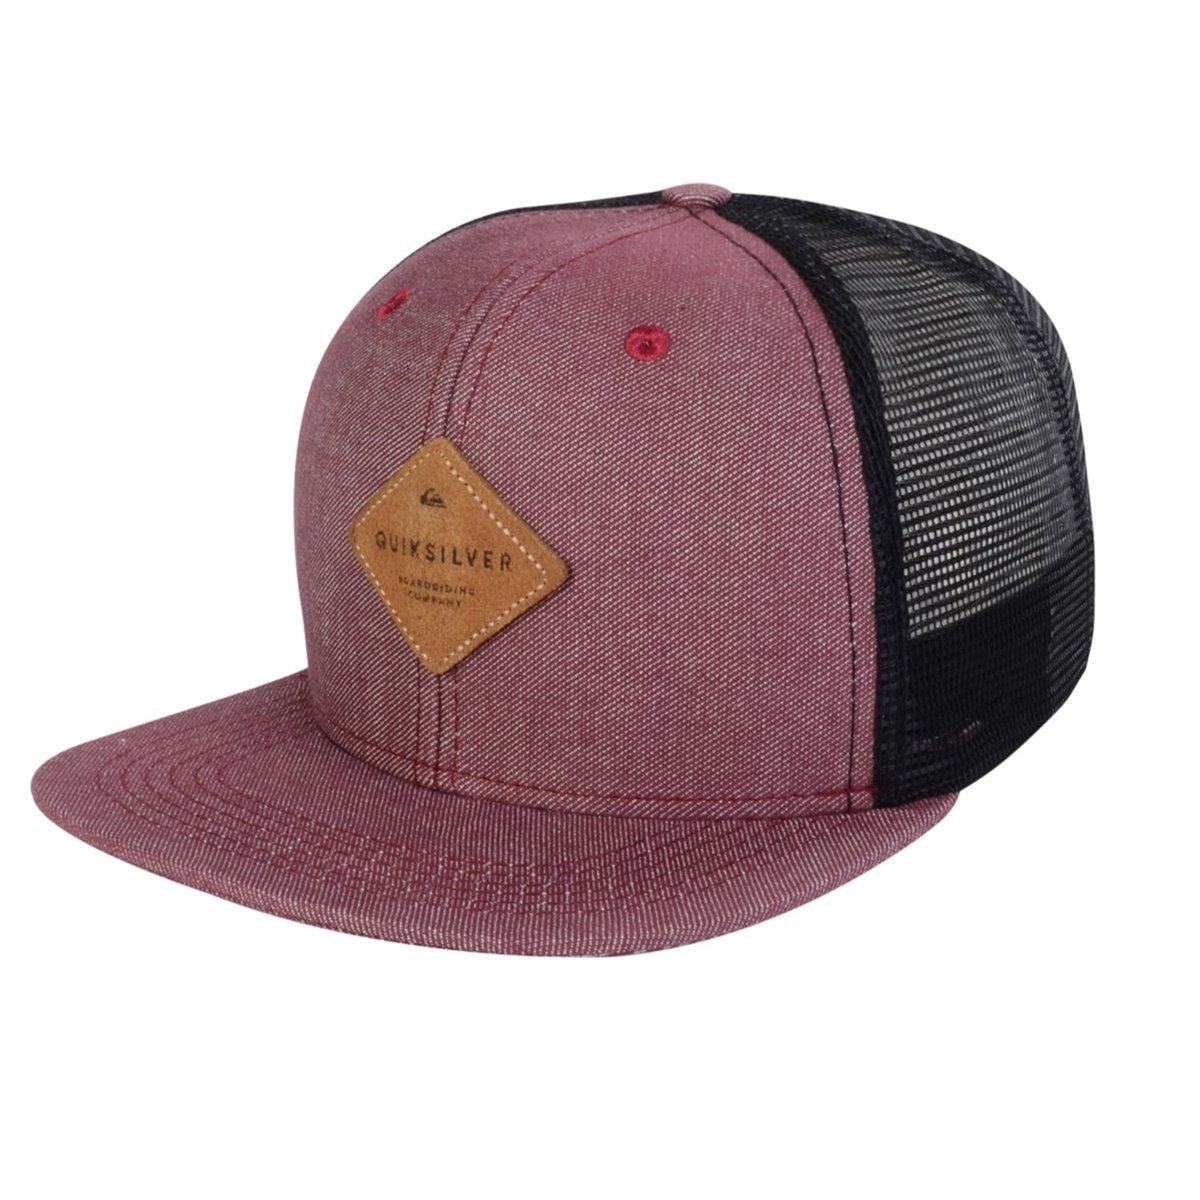 Boné Quiksilver Prism - Compre Agora   Netshoes 9ea15128d4